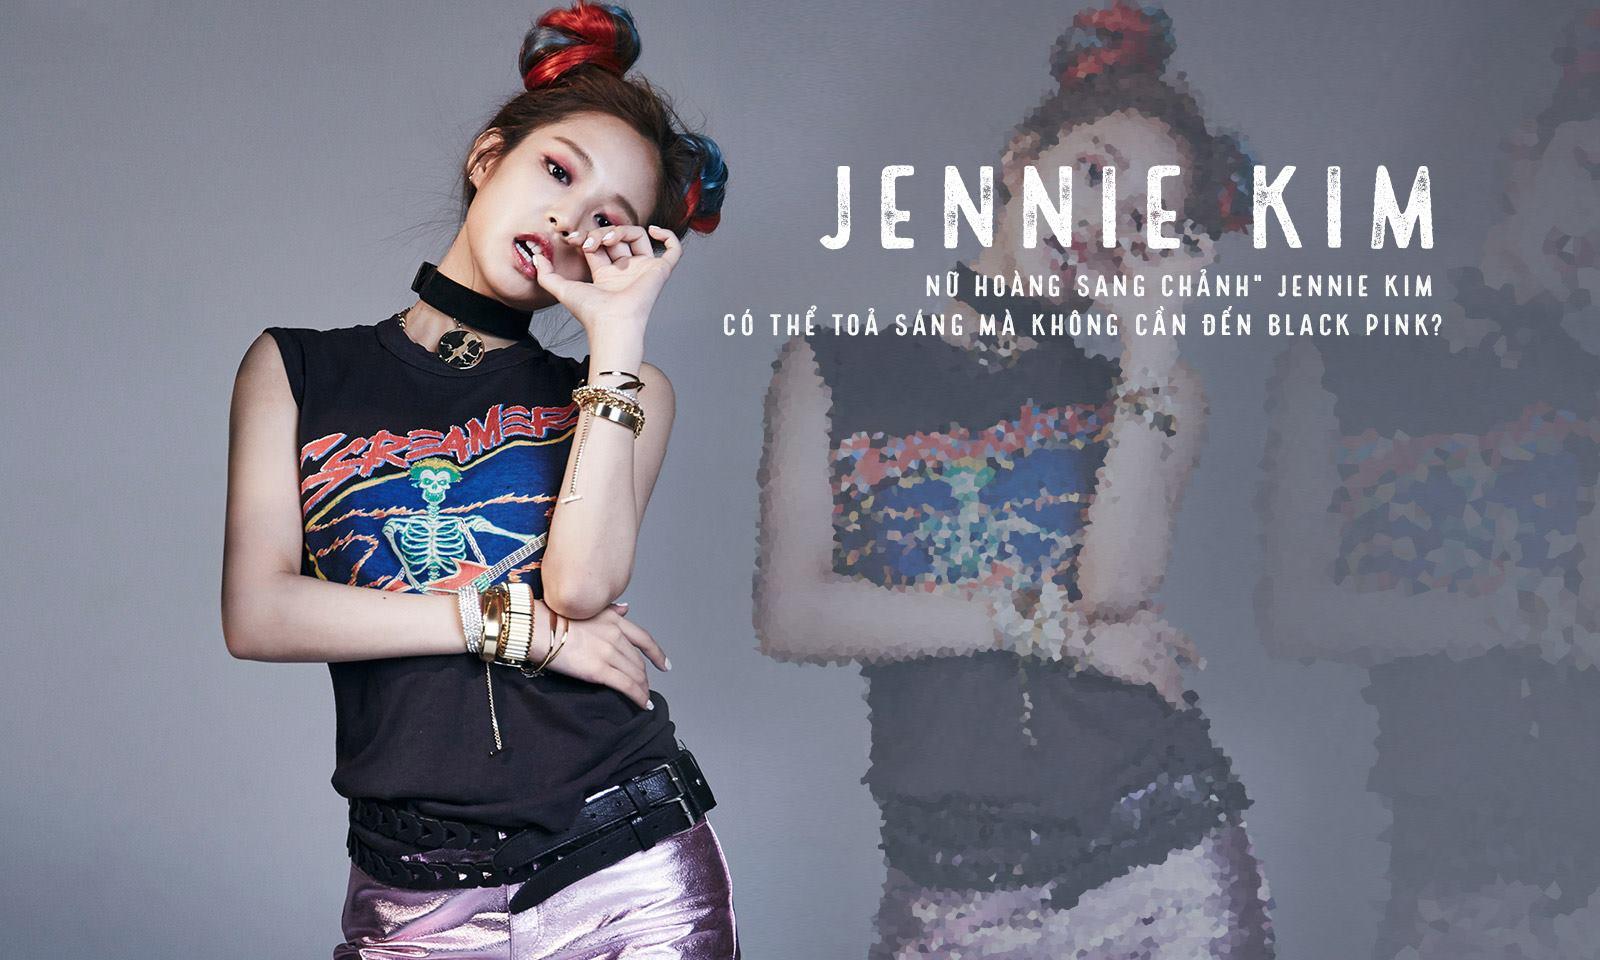 """""""Nữ hoàng sang chảnh"""" Jennie Kim có thể tỏa sáng mà không cần đến Black Pink?"""